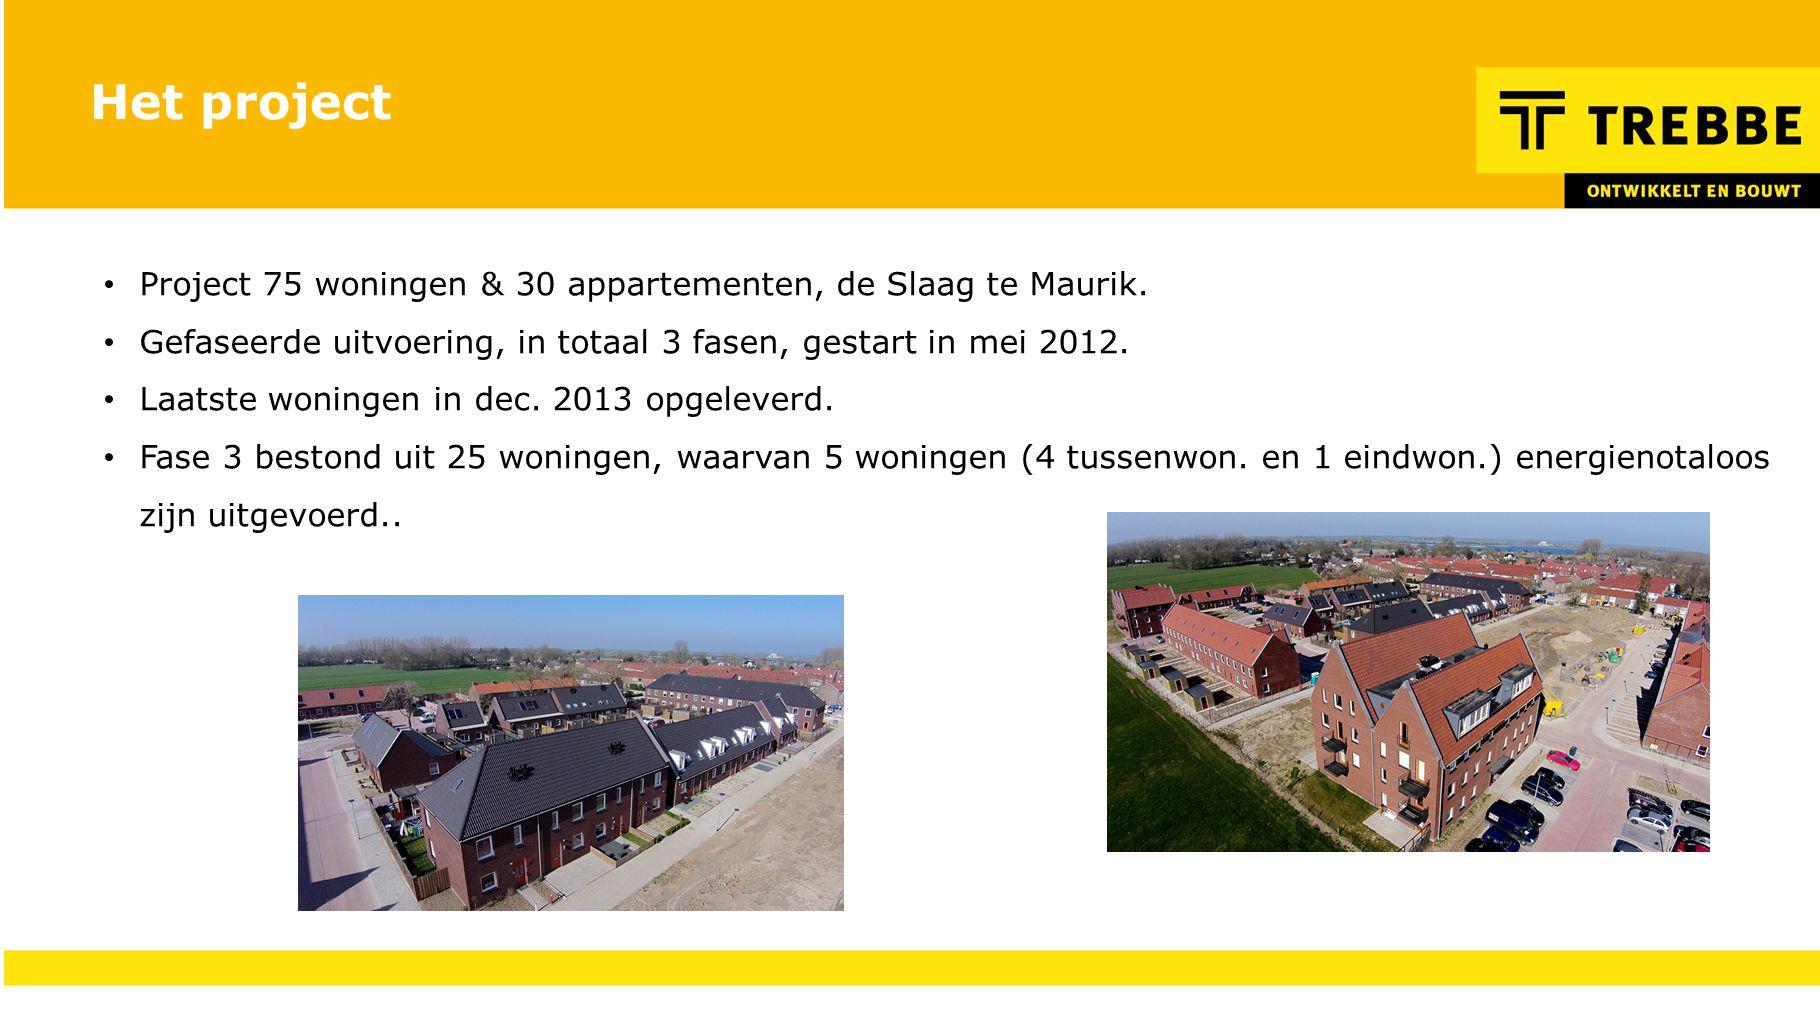 Het project Project 75 woningen & 30 appartementen, de Slaag te Maurik. Gefaseerde uitvoering, in totaal 3 fasen, gestart in mei 2012.